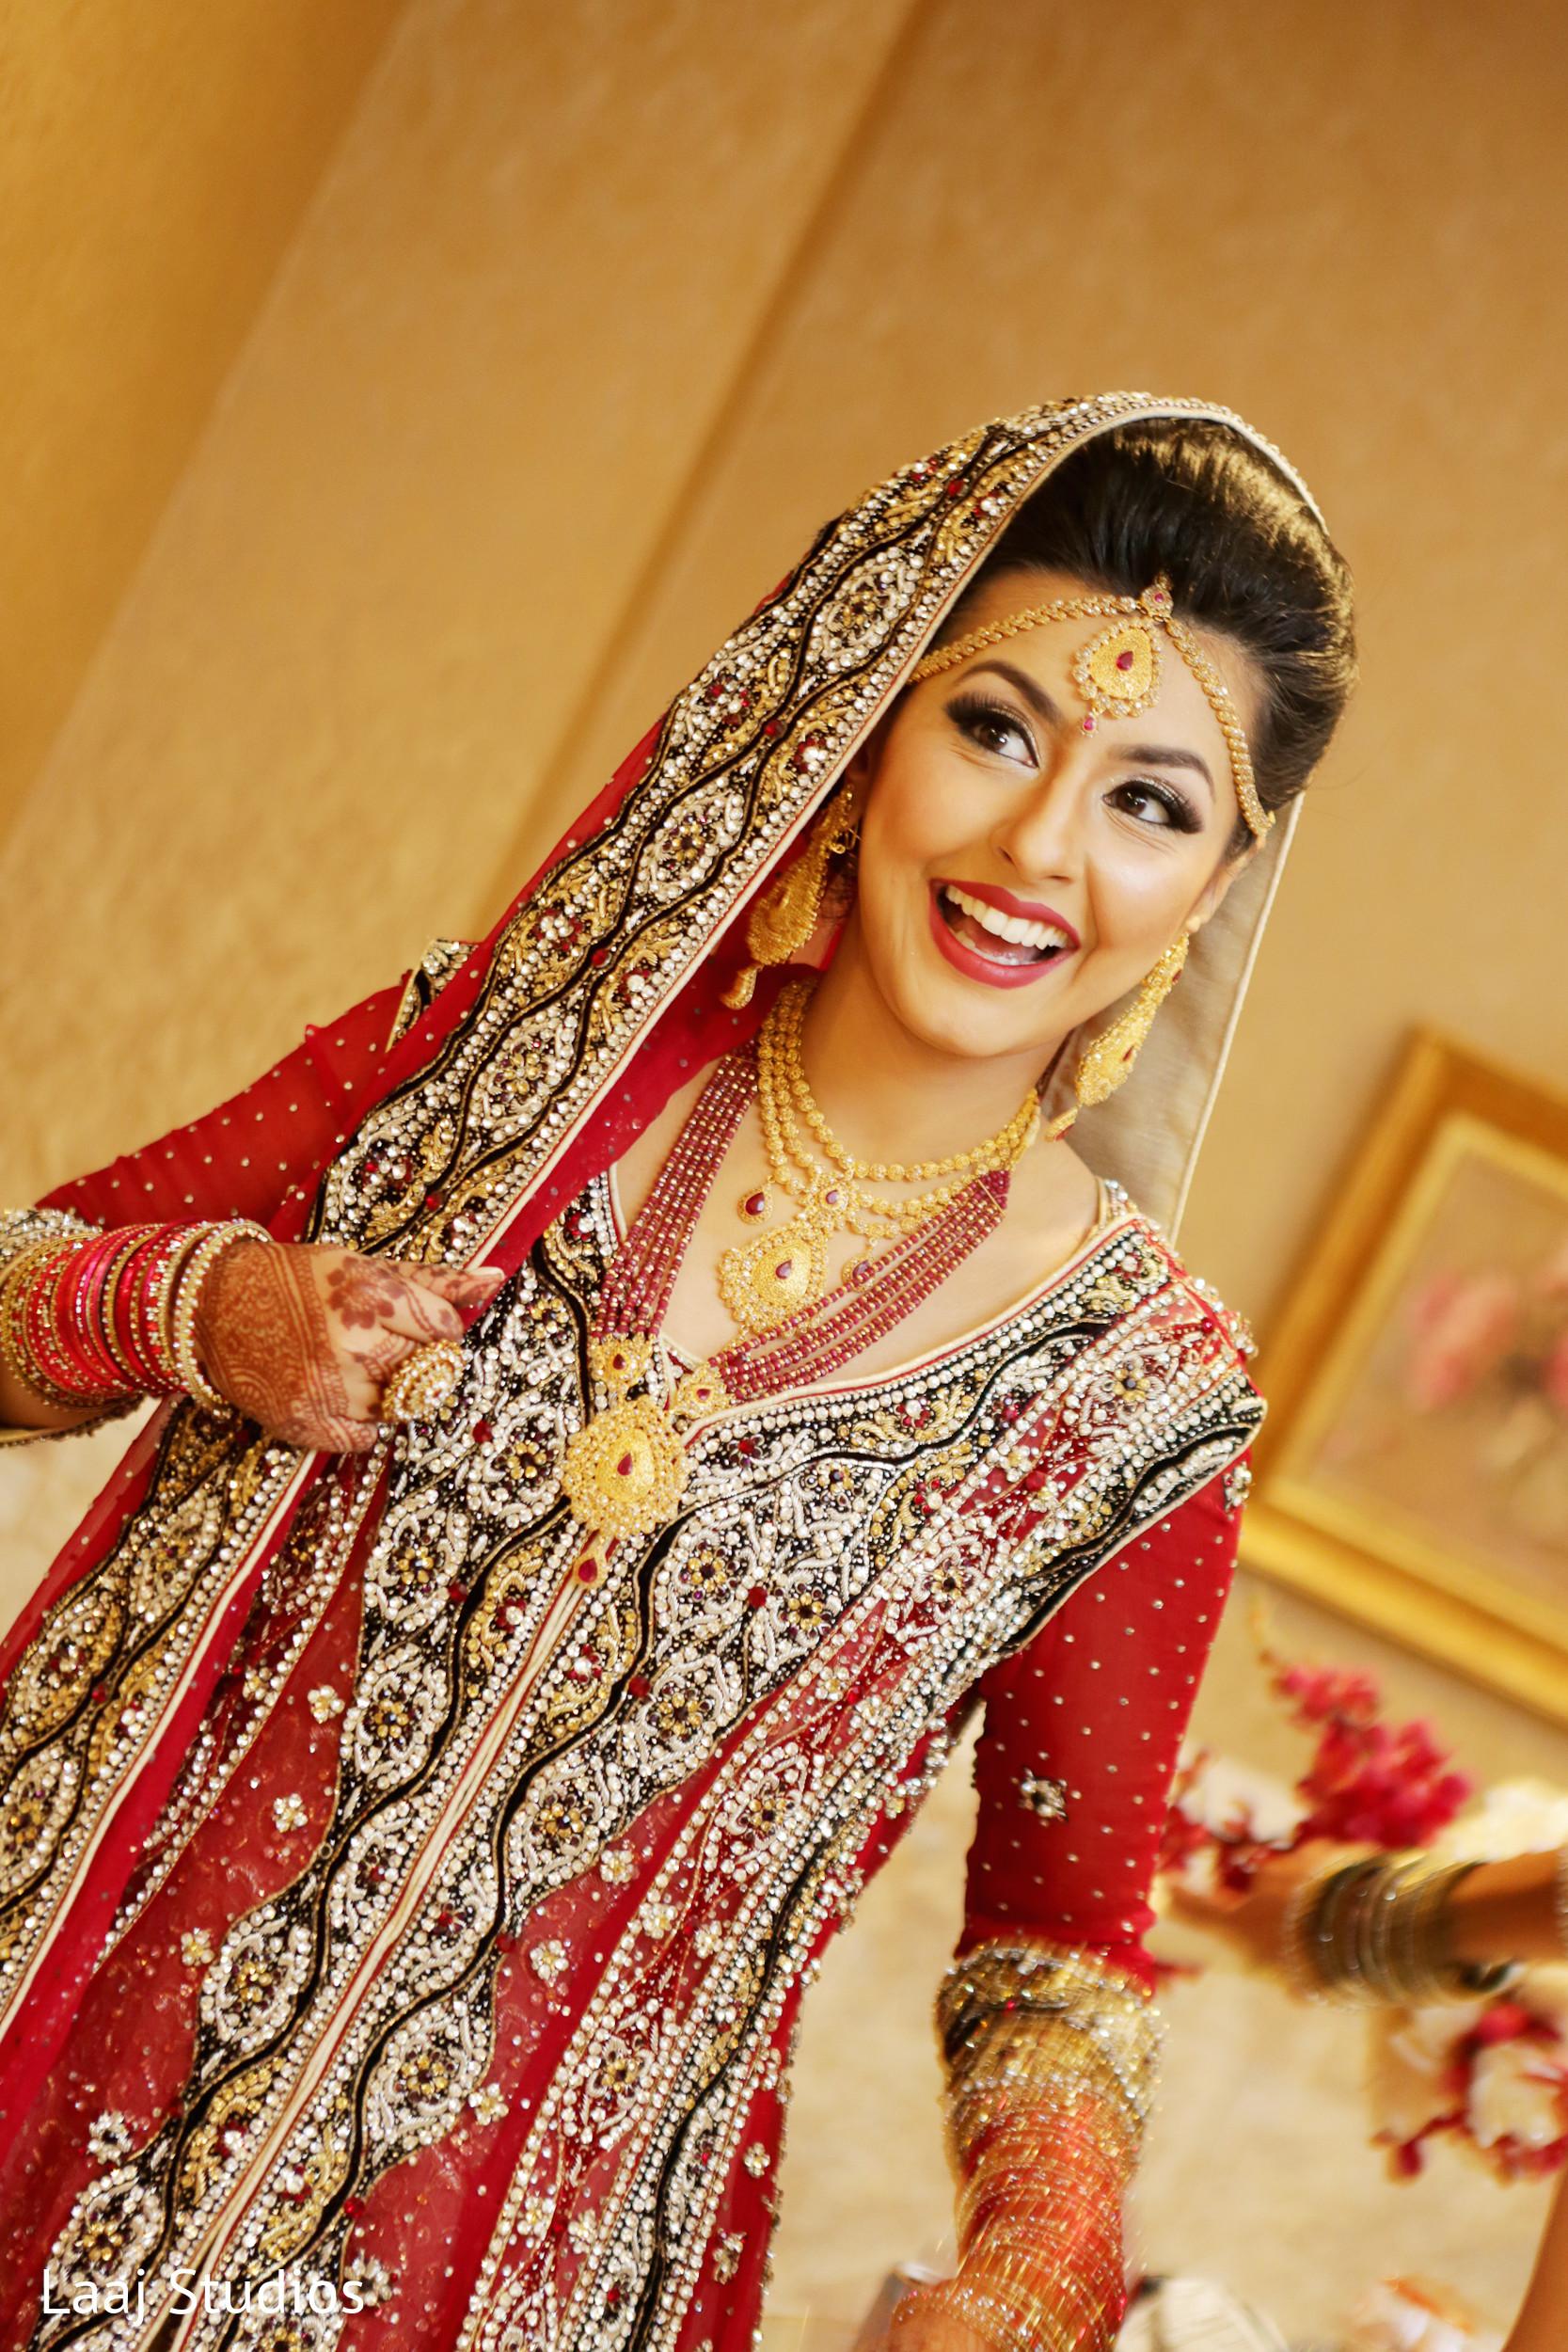 Bridal Mehndi Edison Nj : Bridal portrait in edison nj mehndi night by laaj studios